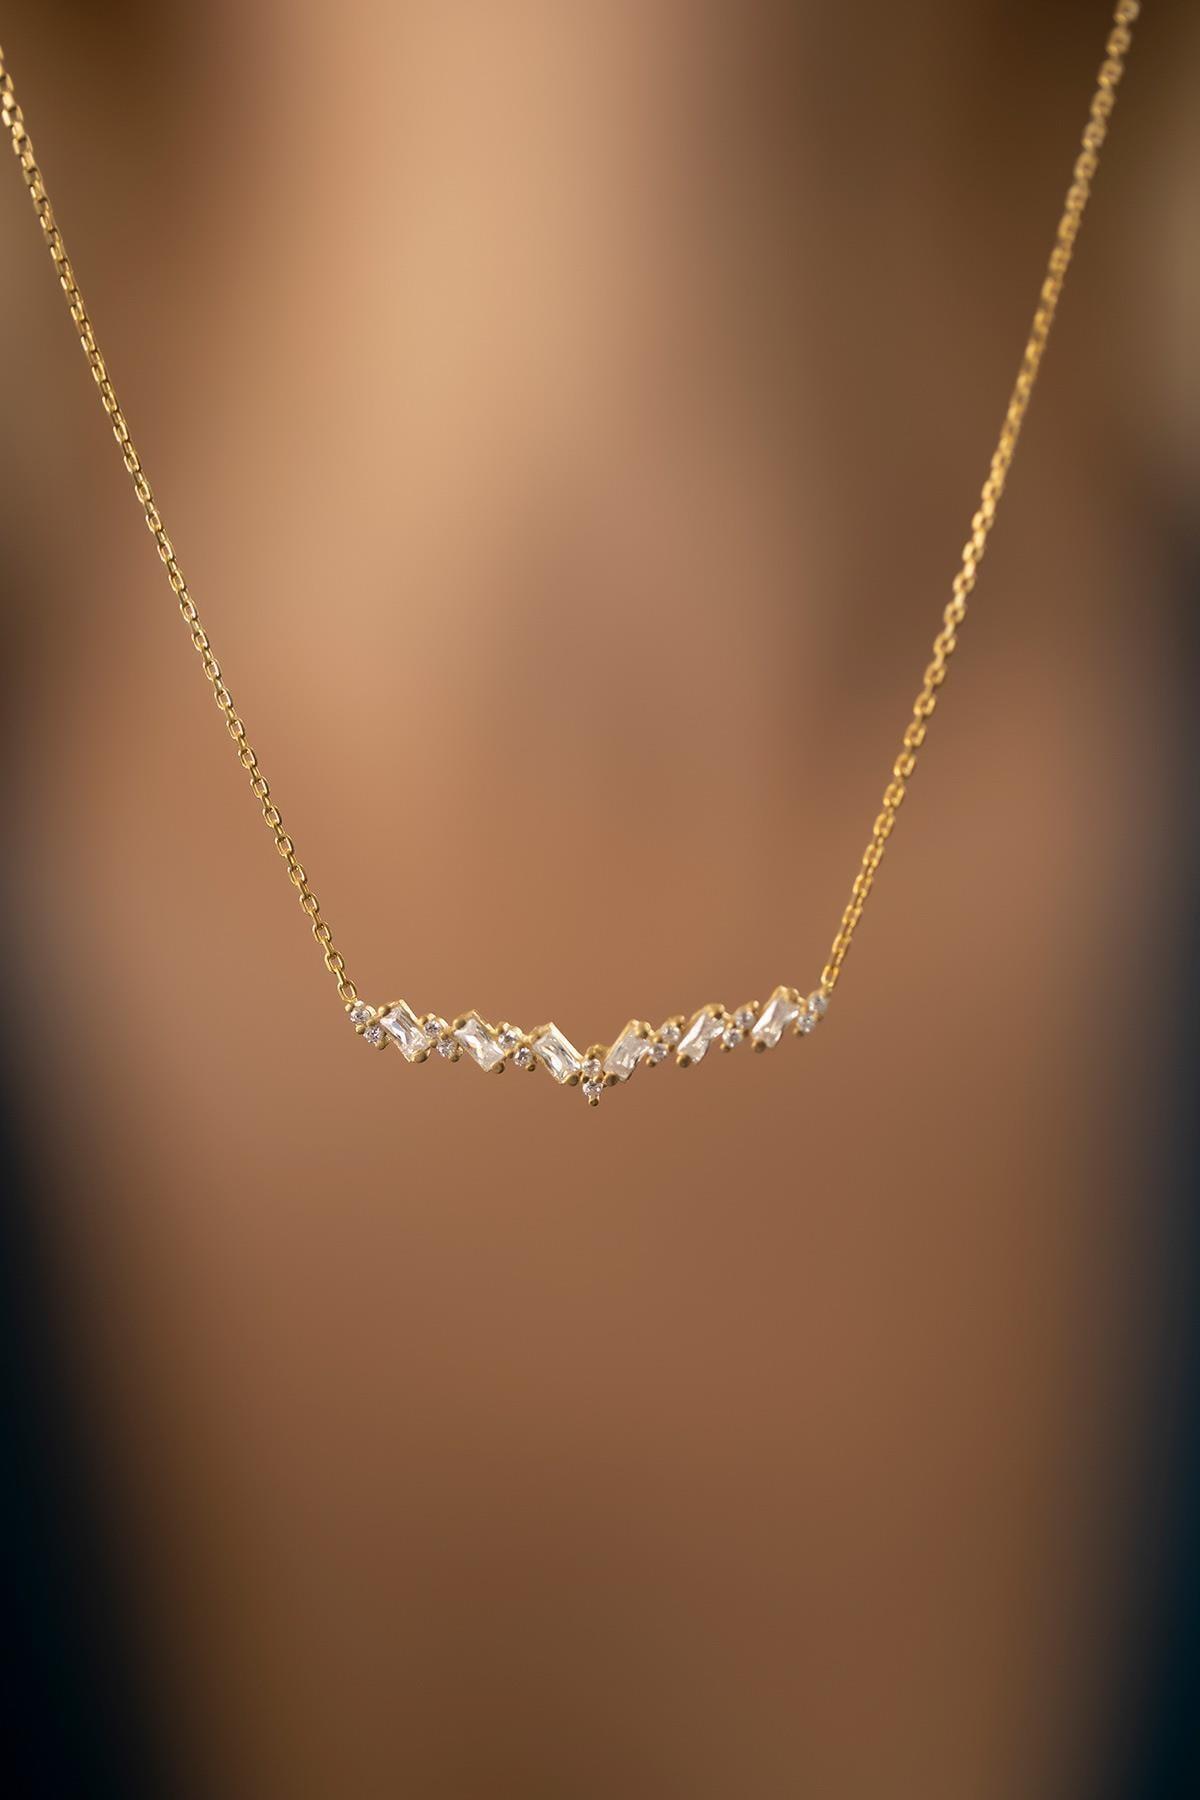 İzla Design Kadın Baget Taşlı Altın Kaplama Gümüş İtalyan Kolye PKT-TLYSLVR0803